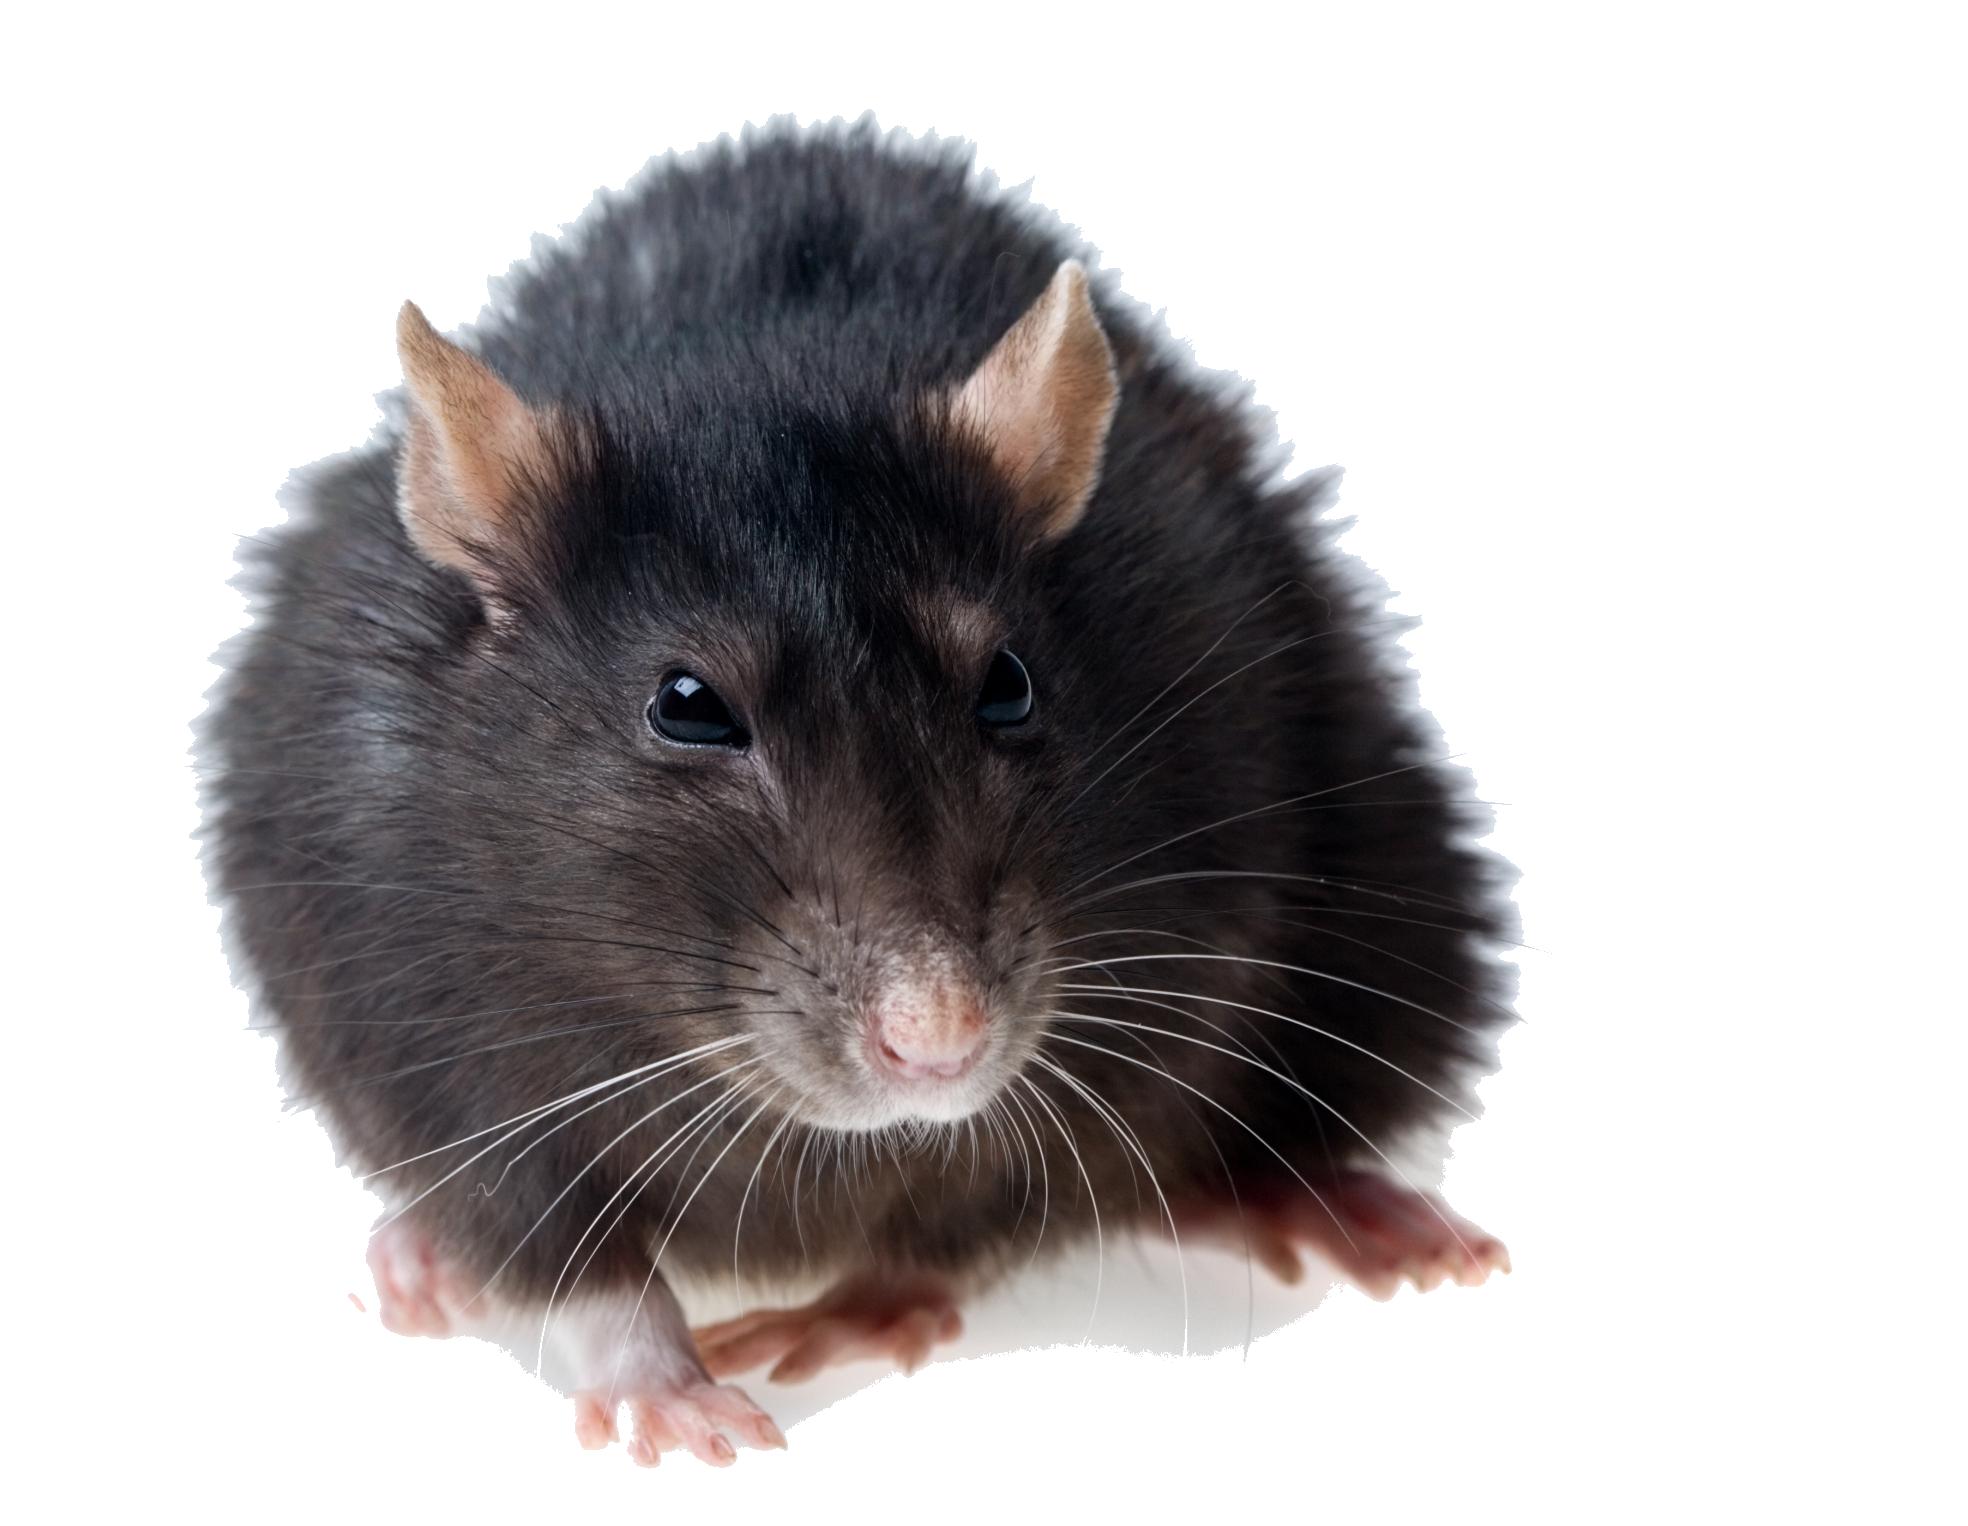 Rat PNG - 17993